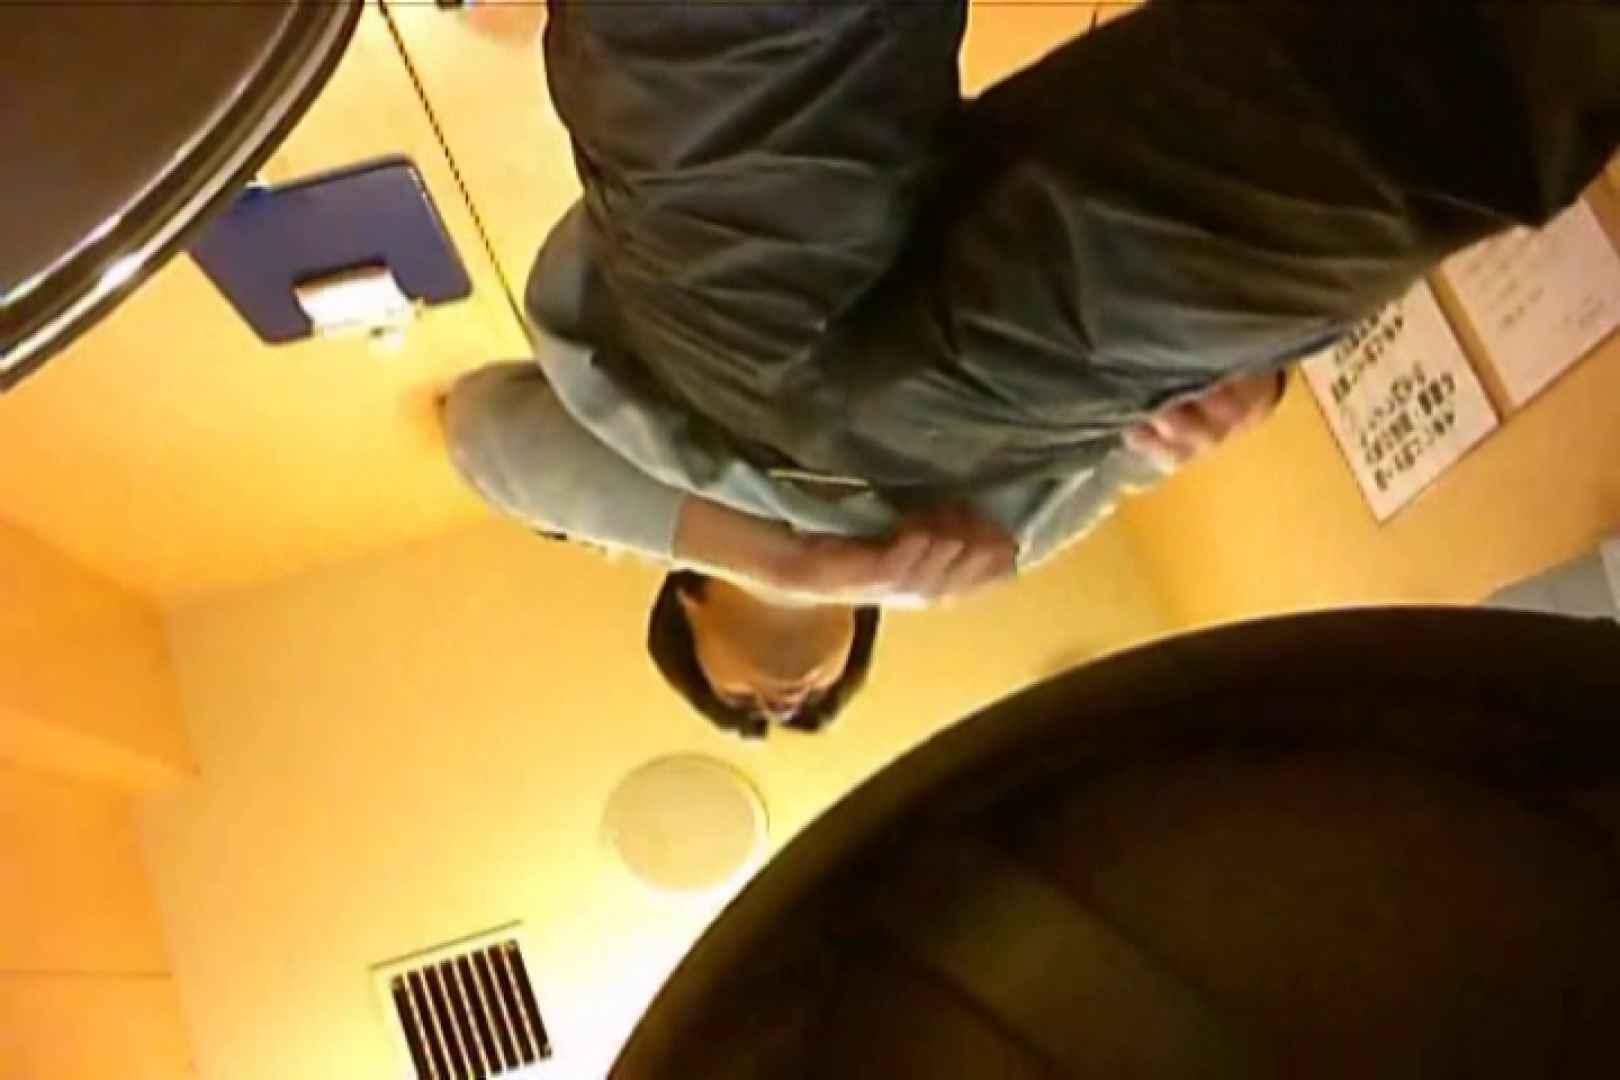 SEASON 2ND!掴み取りさんの洗面所覗き!in新幹線!VOL.04 完全無修正でお届け   ノンケボーイズ  64pic 23